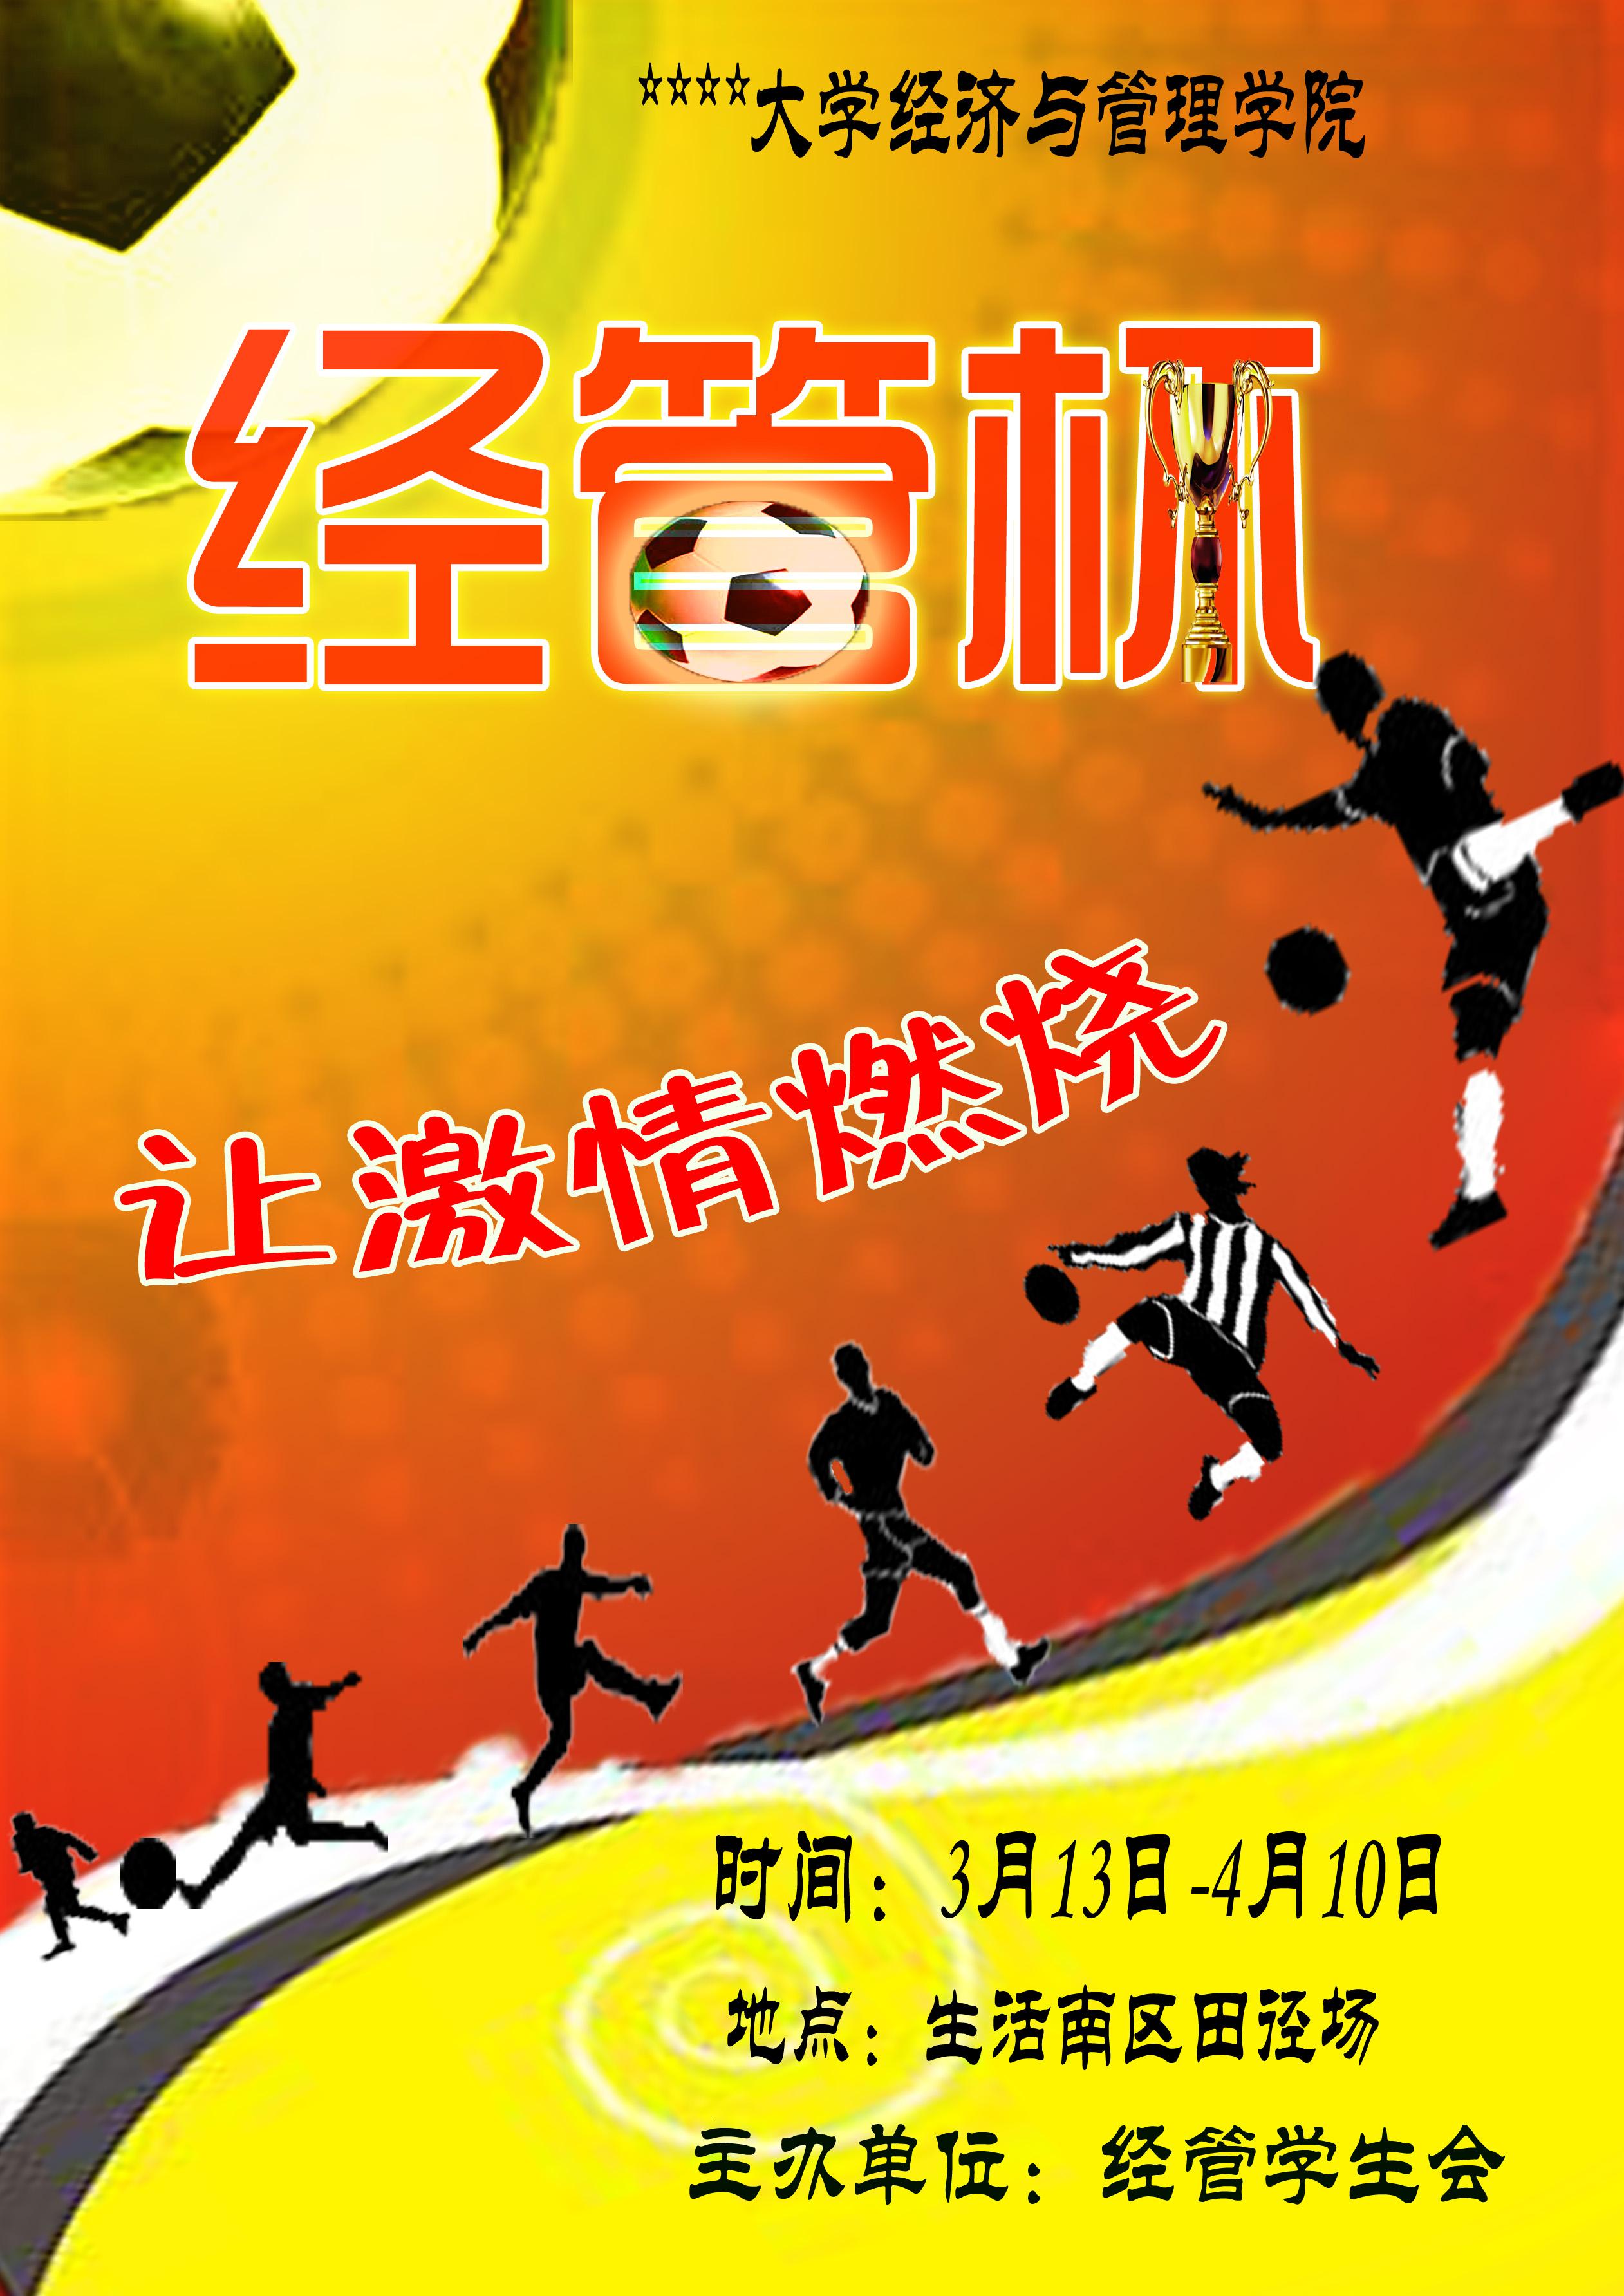 校园足球赛海报